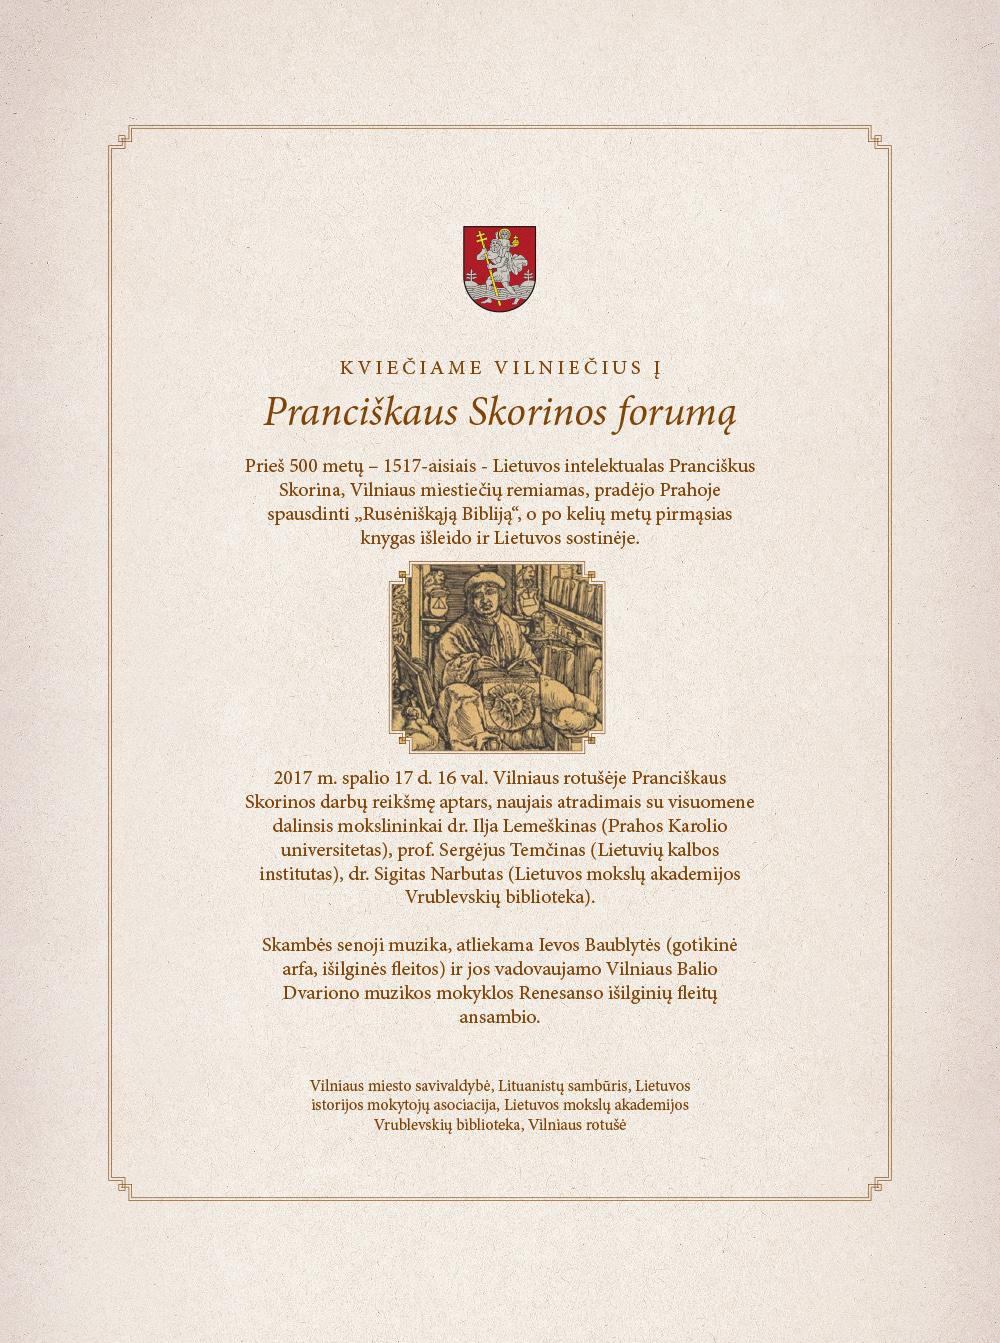 Kvietimas į P. Skorinos forumą 2017.10.17